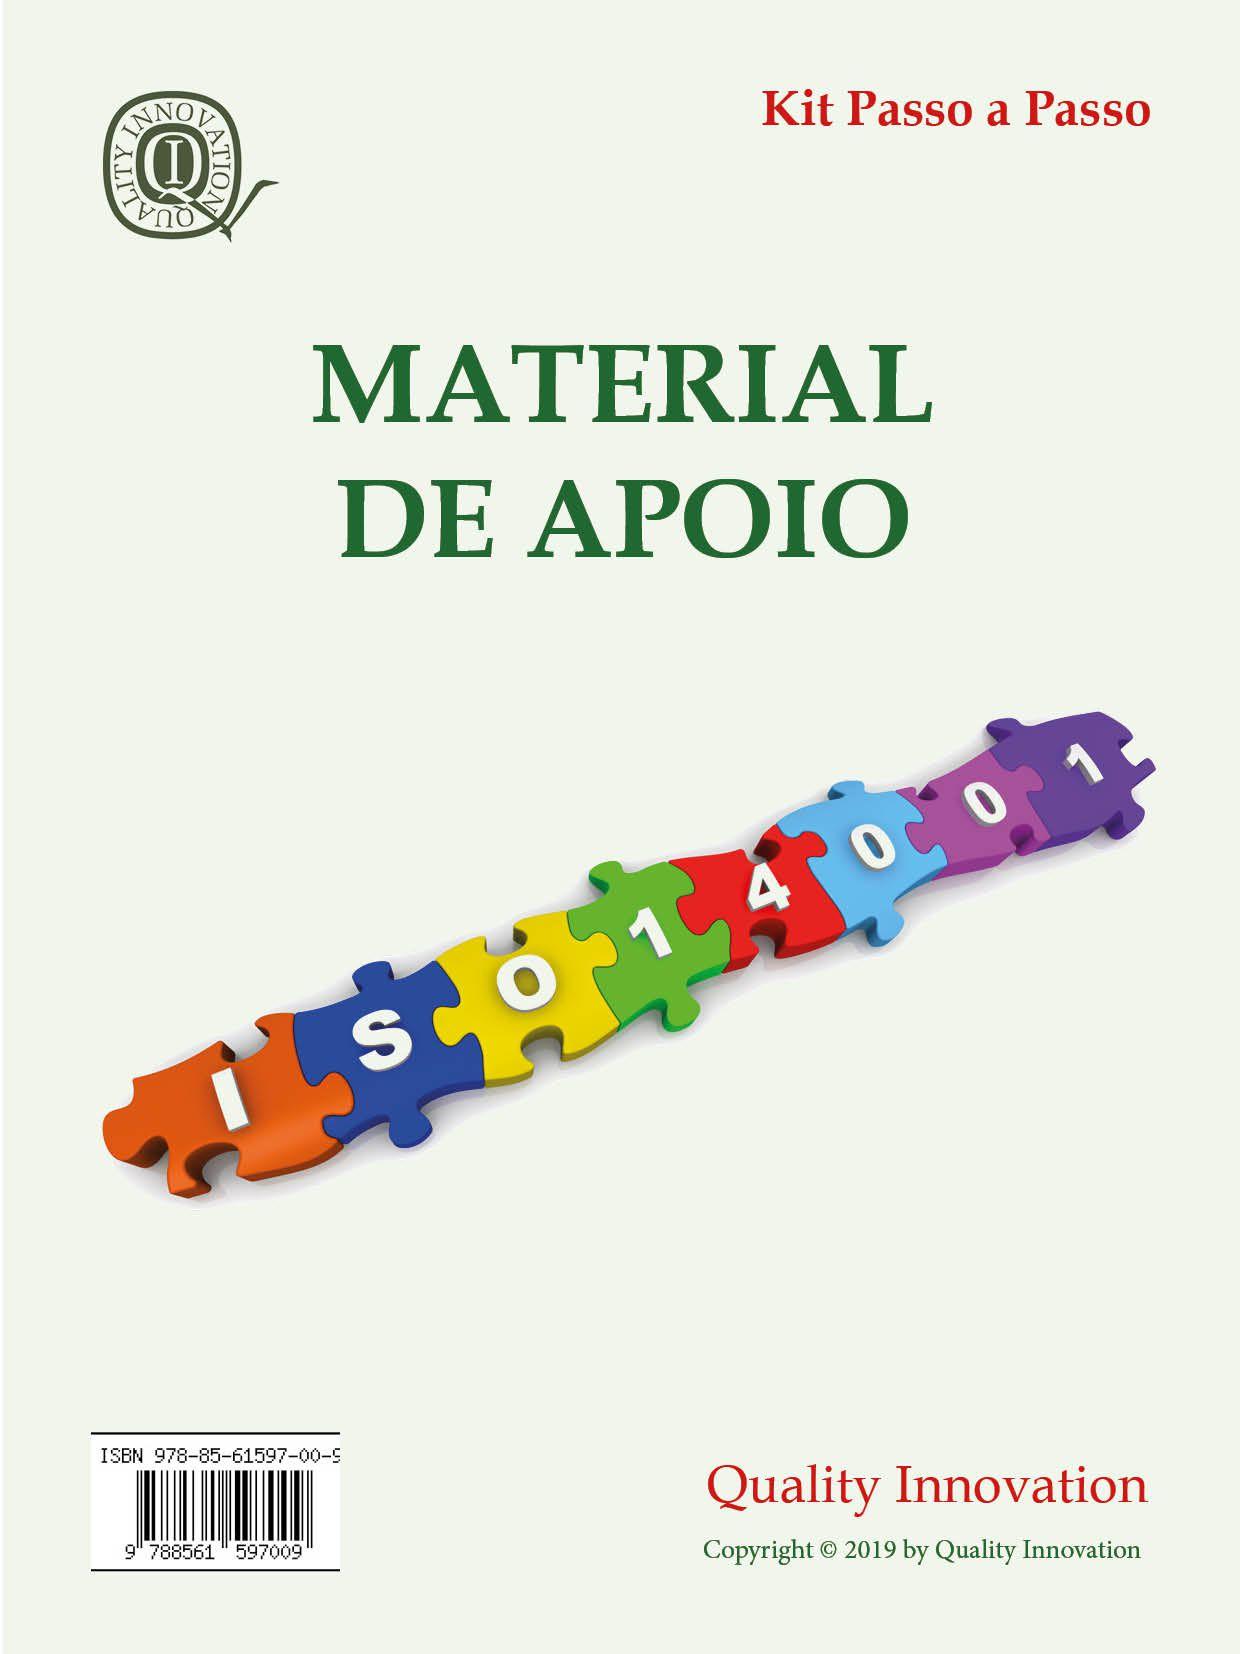 Material de Apoio da ISO 14001  - www.qualistore.net.br